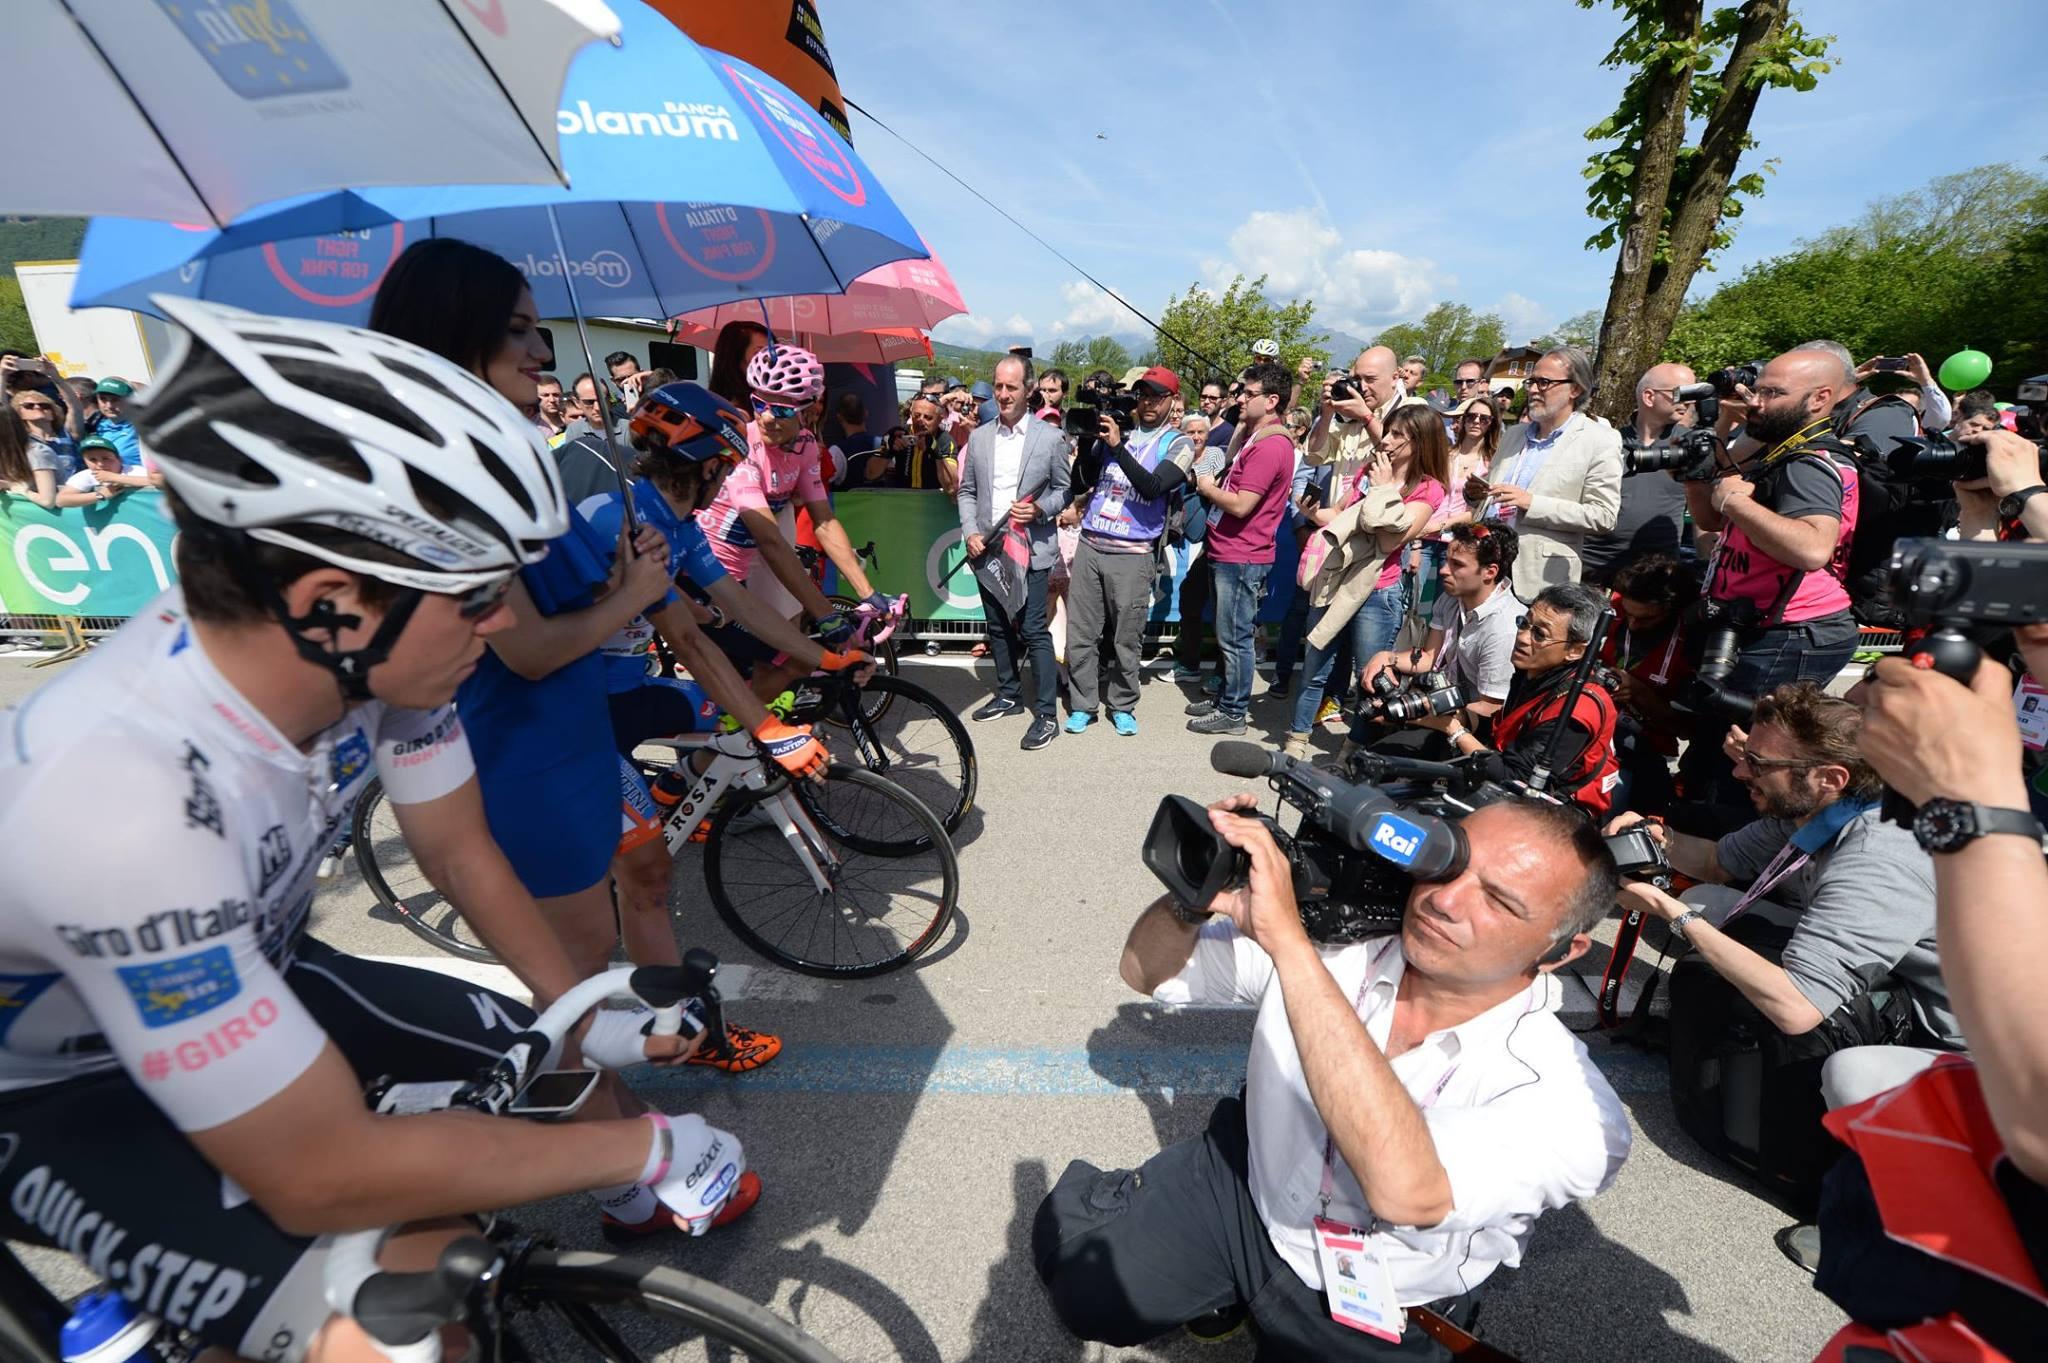 Esteban Chaves gana la Etapa 14 del Giro d'Italia 2016B